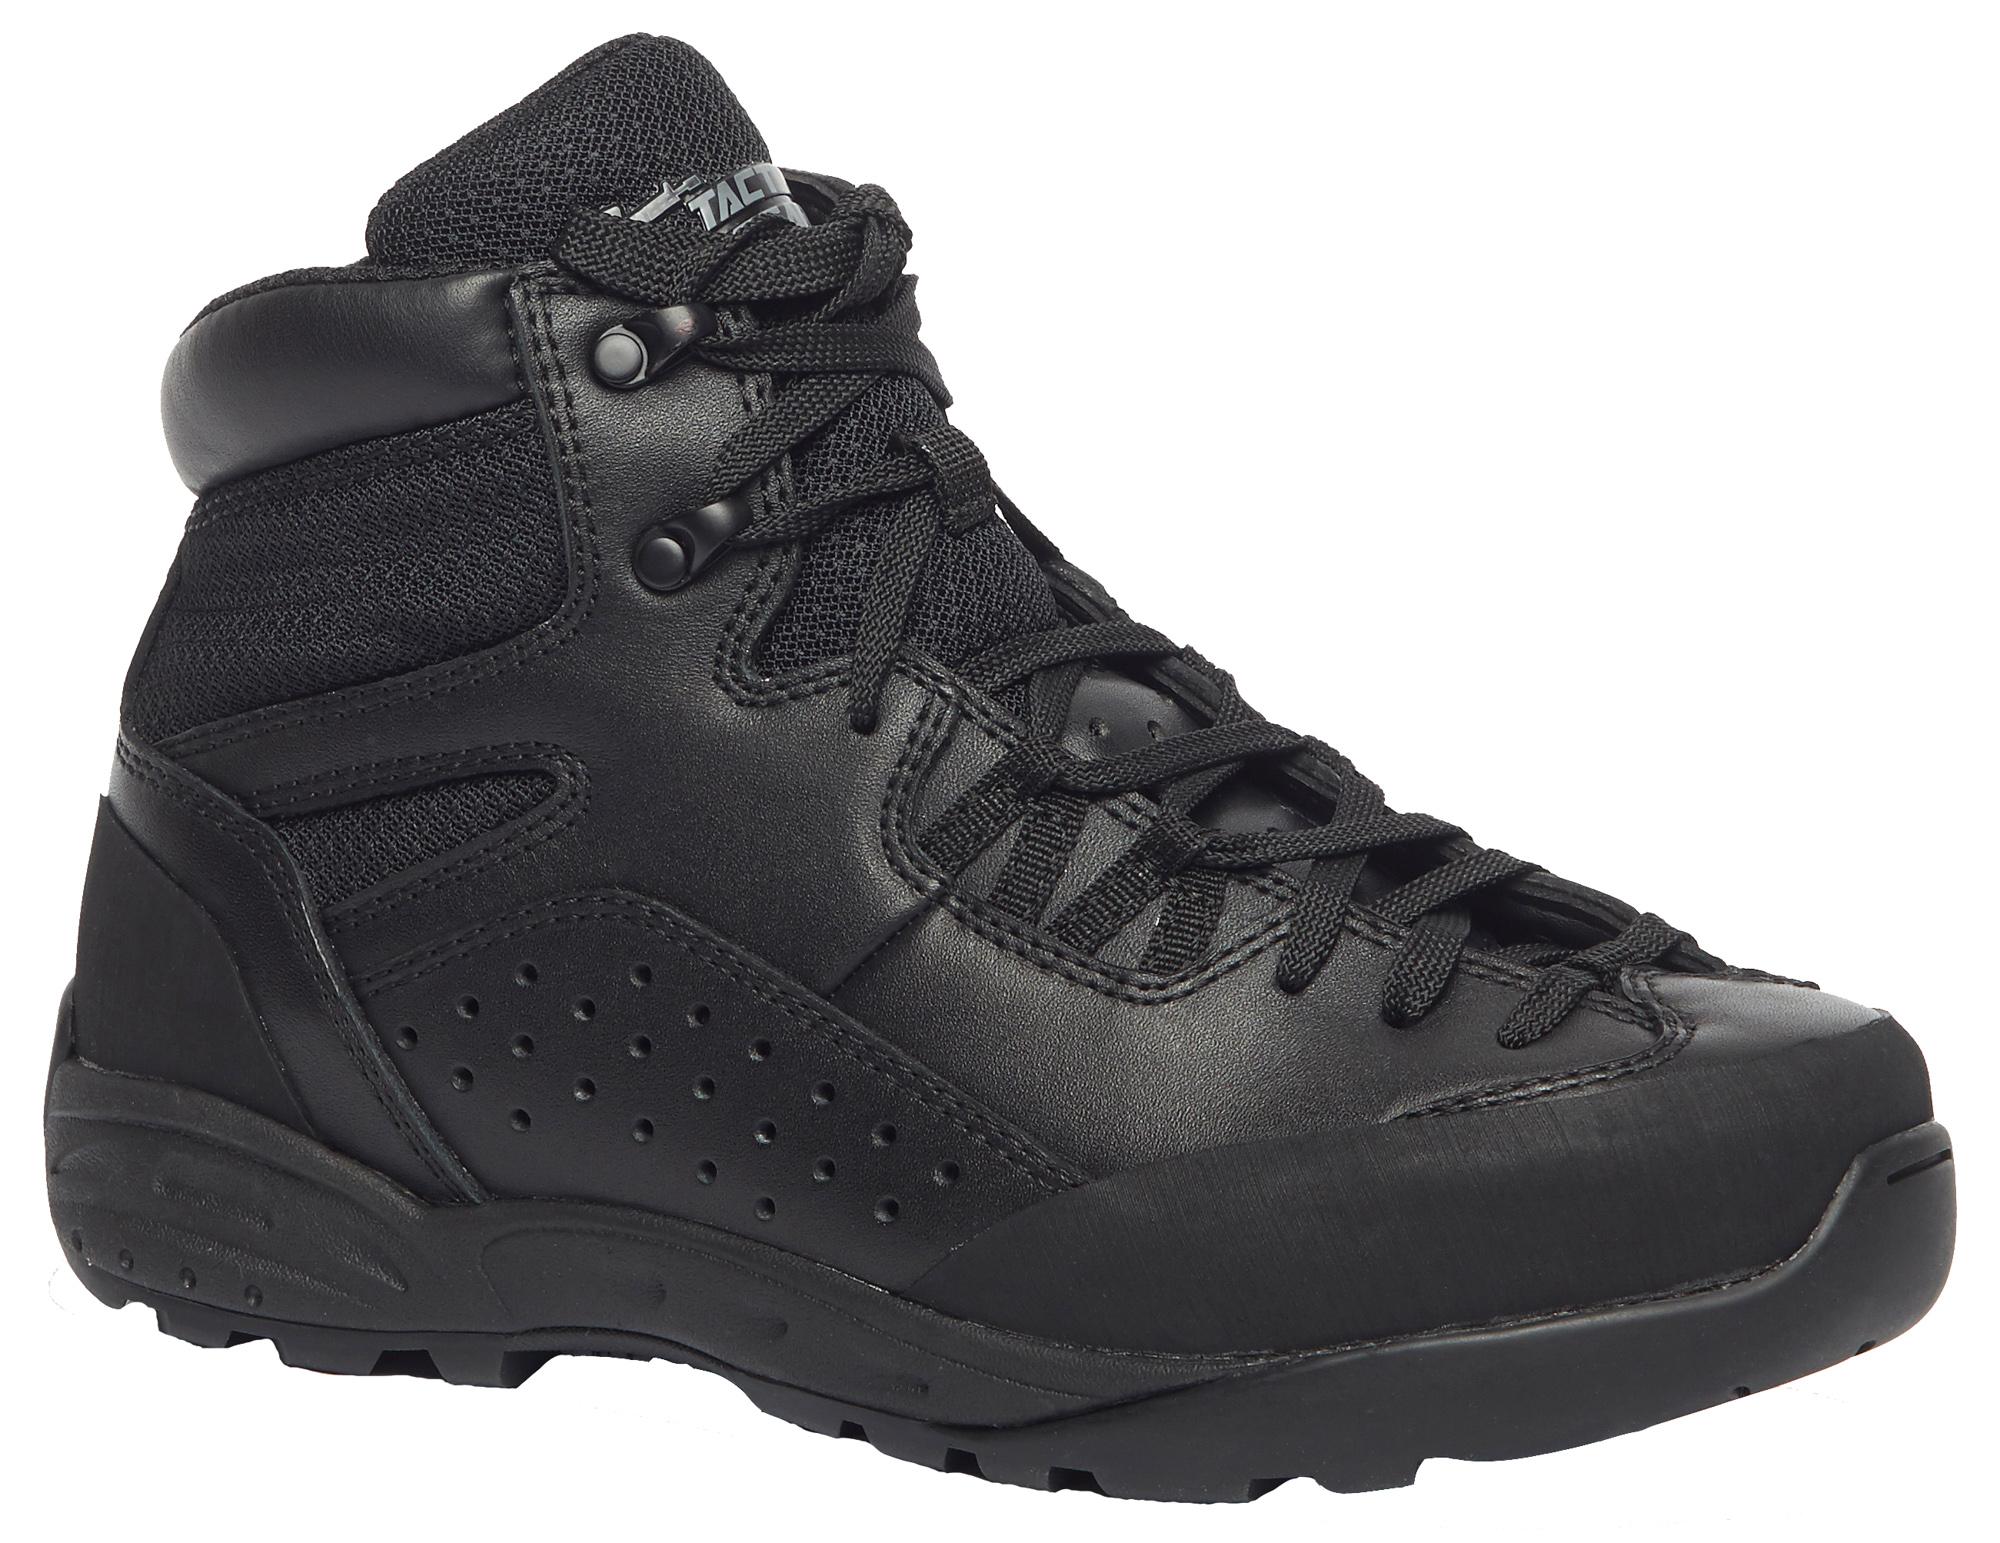 Belleville Mid-Cut Tactical Boots Unisex Black Leather/Mesh